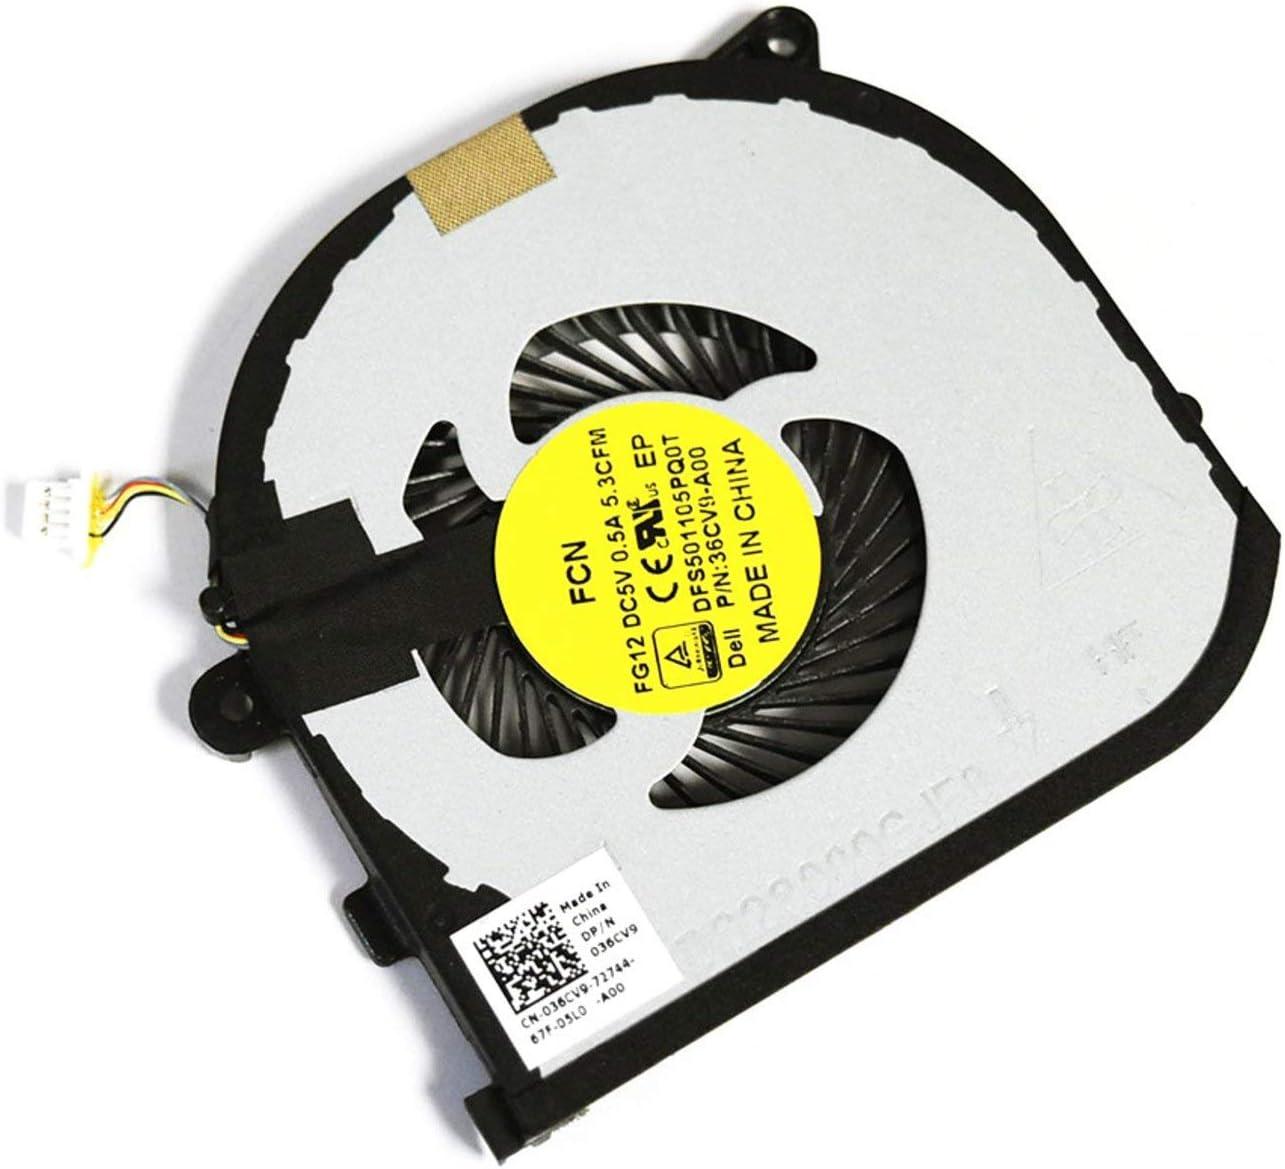 FOR DELL Max 78% OFF Charlotte Mall 36CV9 Genuine OEM Dell RI 9550 XPS 5510 15 Precision